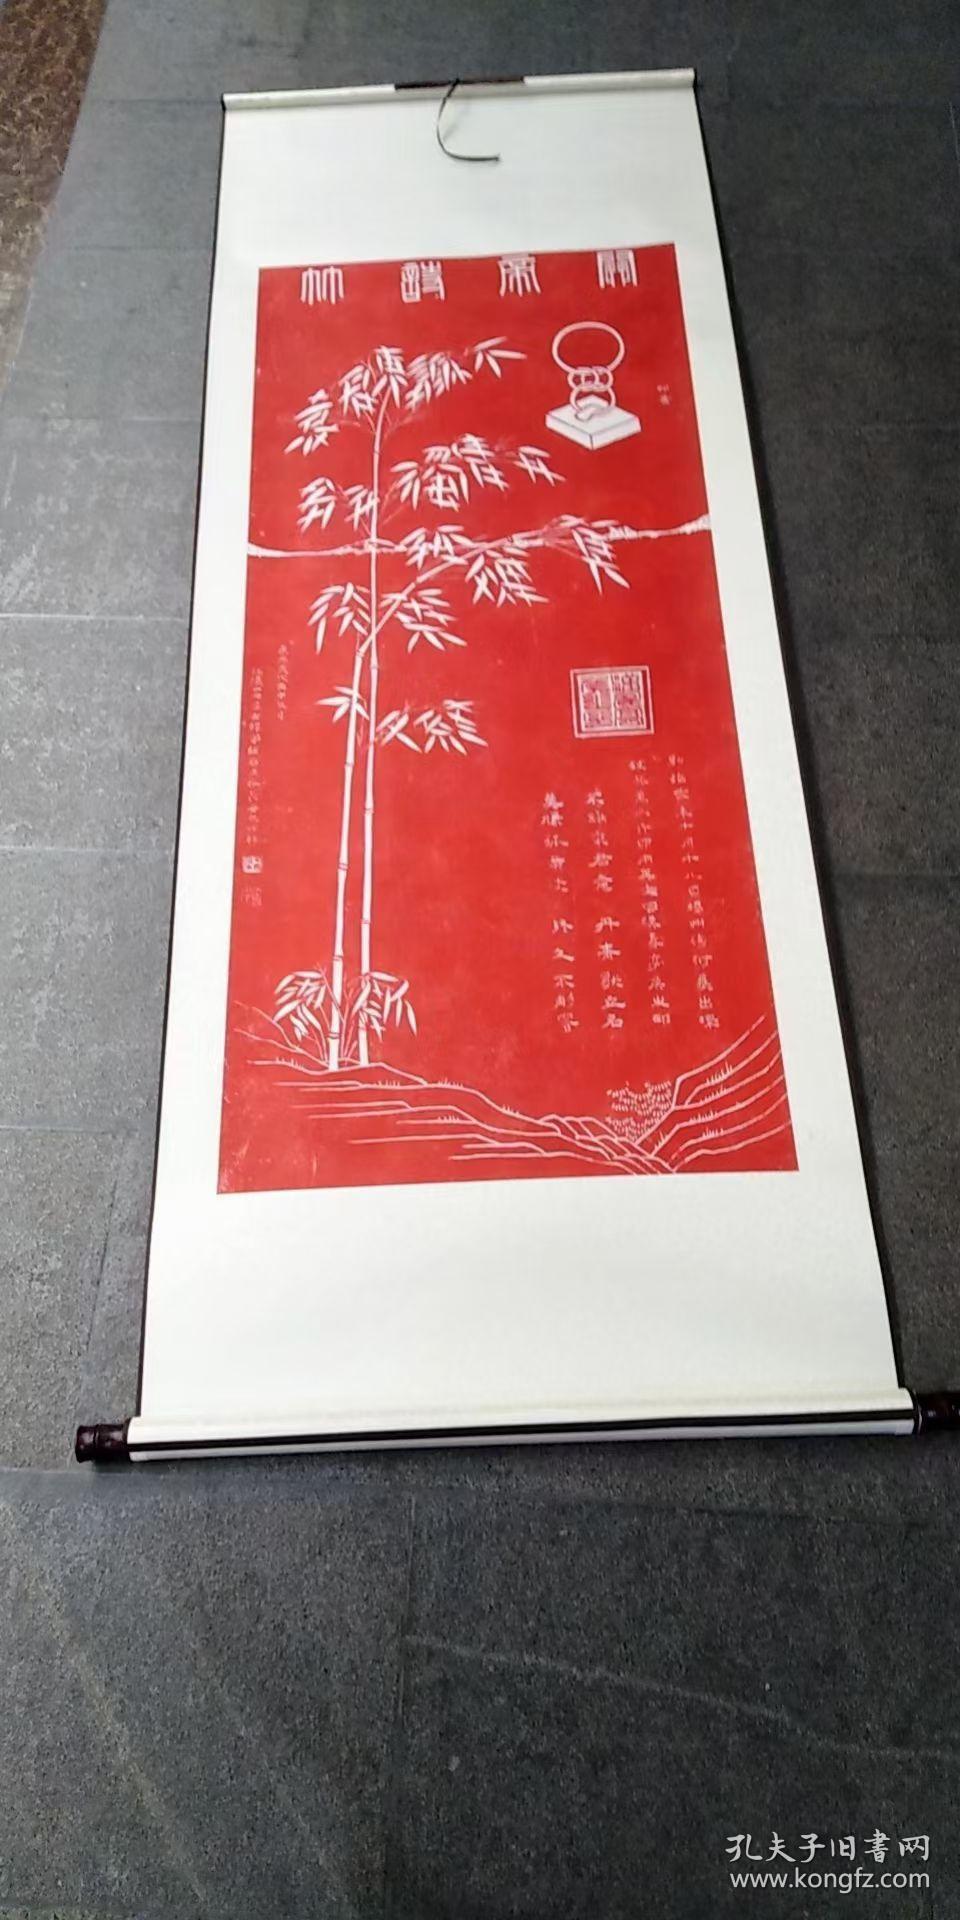 拓片(关帝诗竹)已装裱好,卷轴 尺寸178cmx66cm